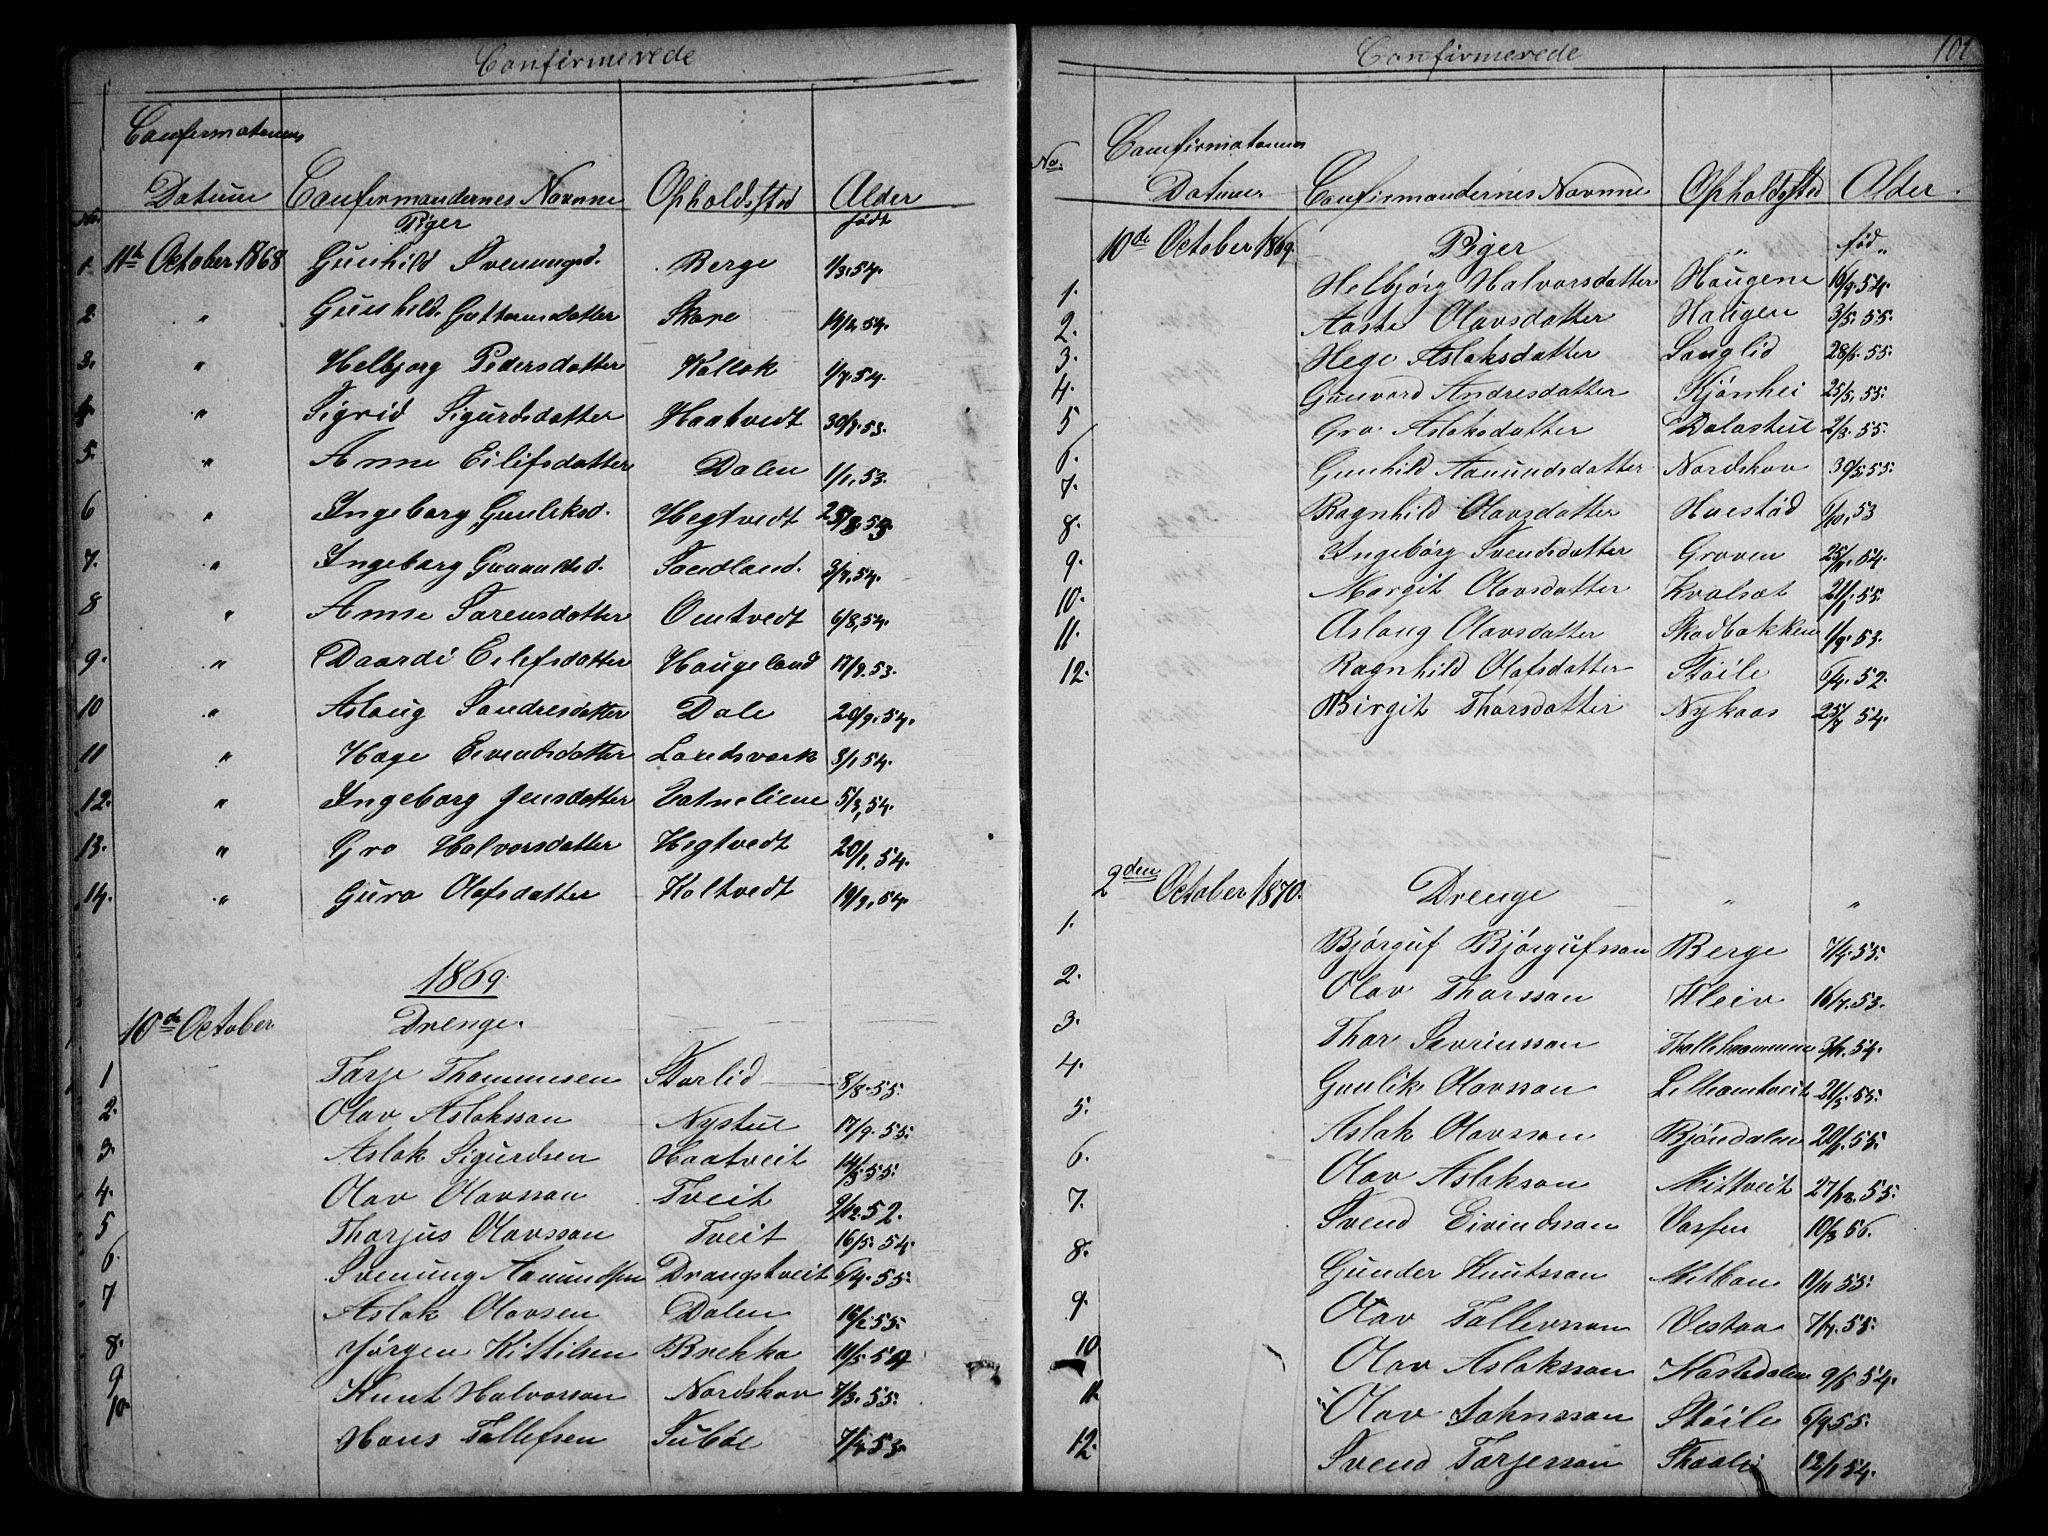 SAKO, Kviteseid kirkebøker, G/Gb/L0002: Klokkerbok nr. II 2, 1850-1892, s. 101